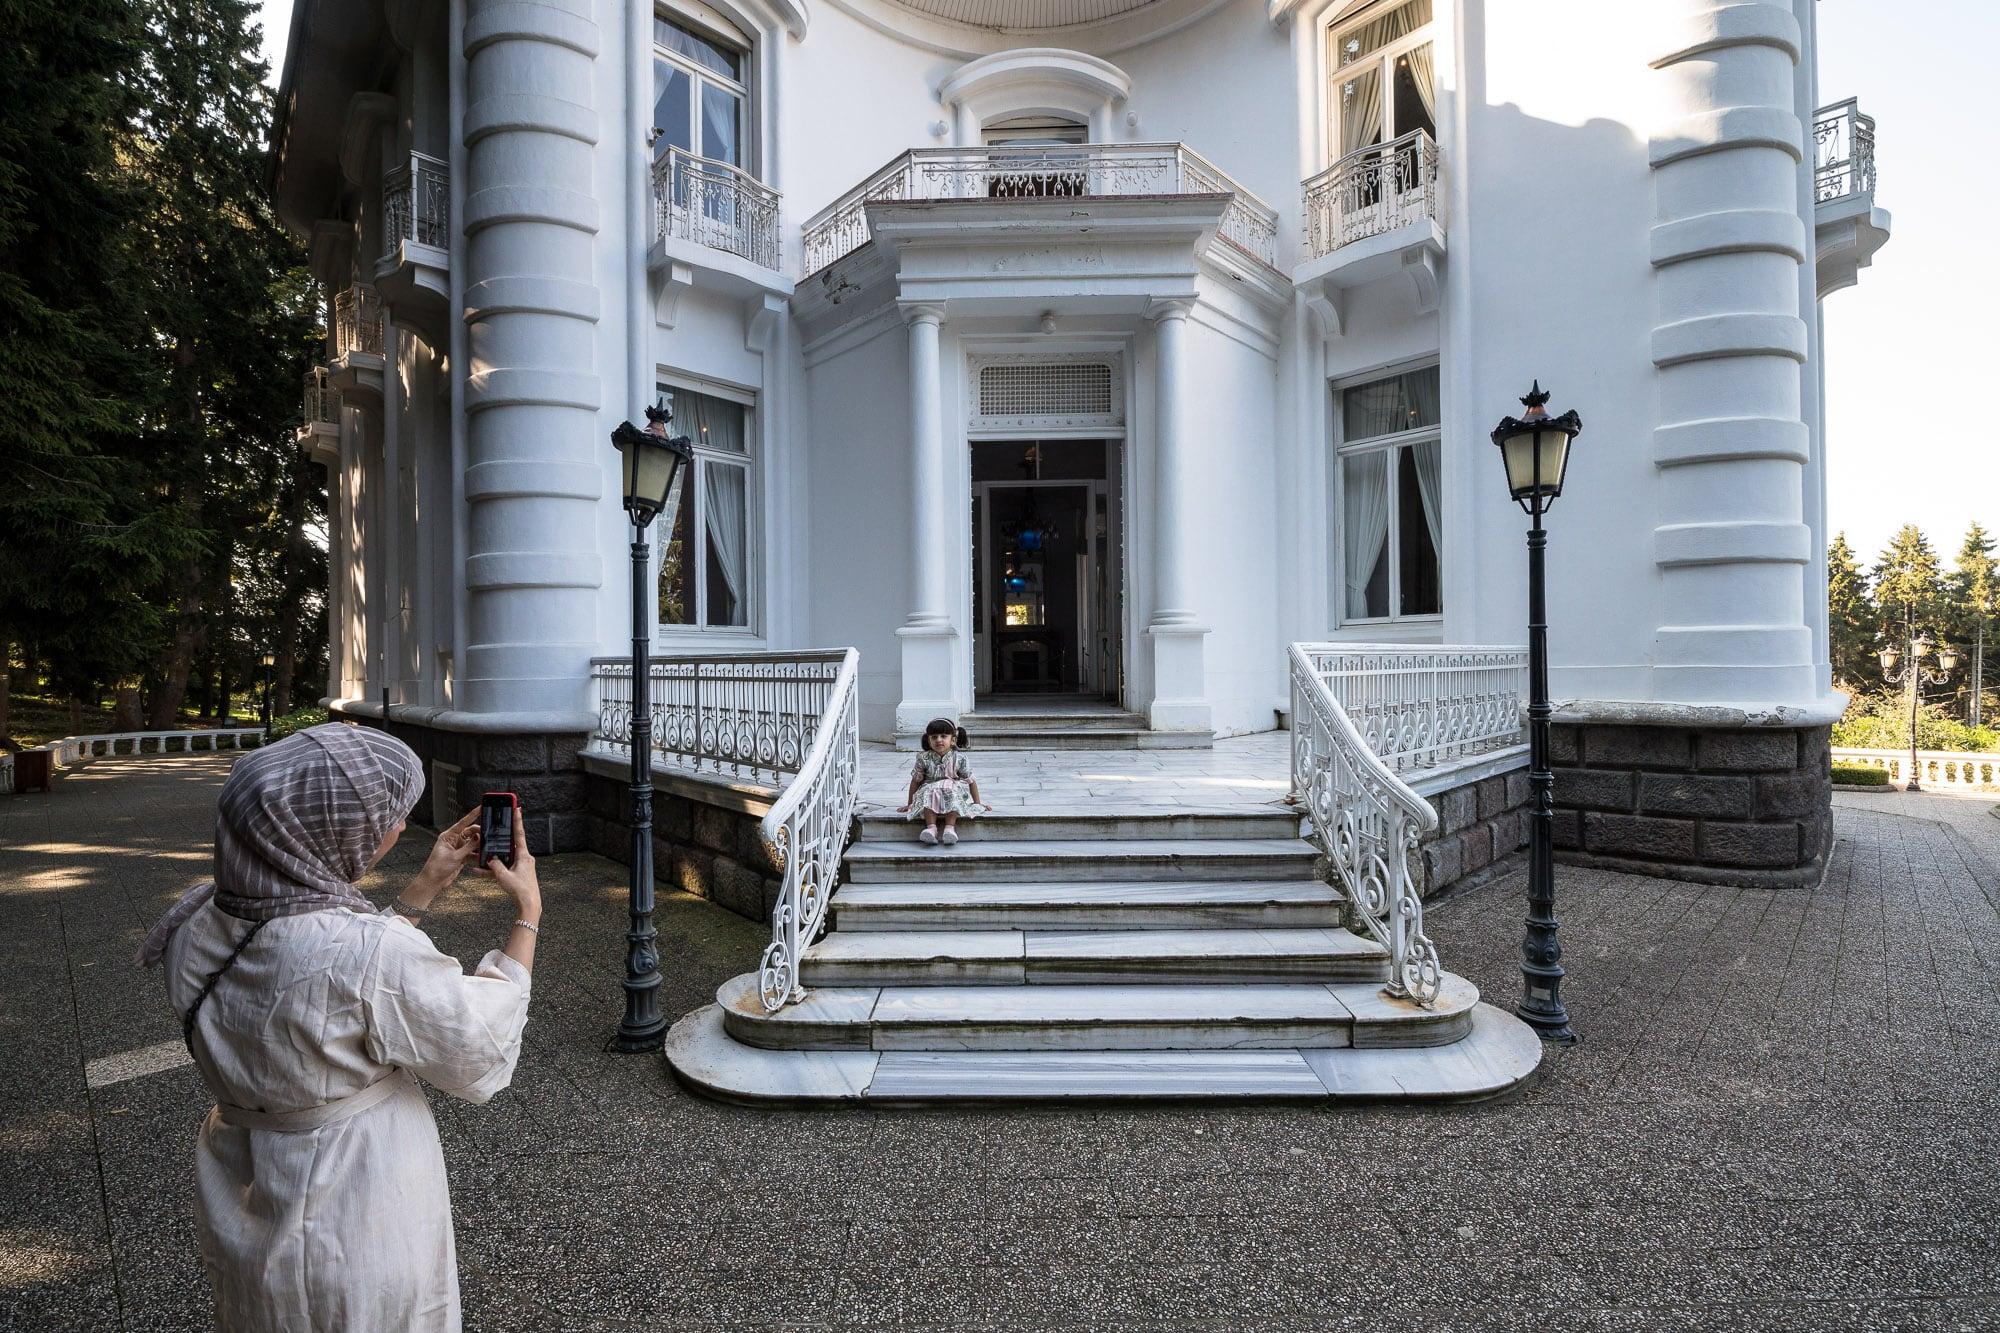 Atatürk pavilion entry